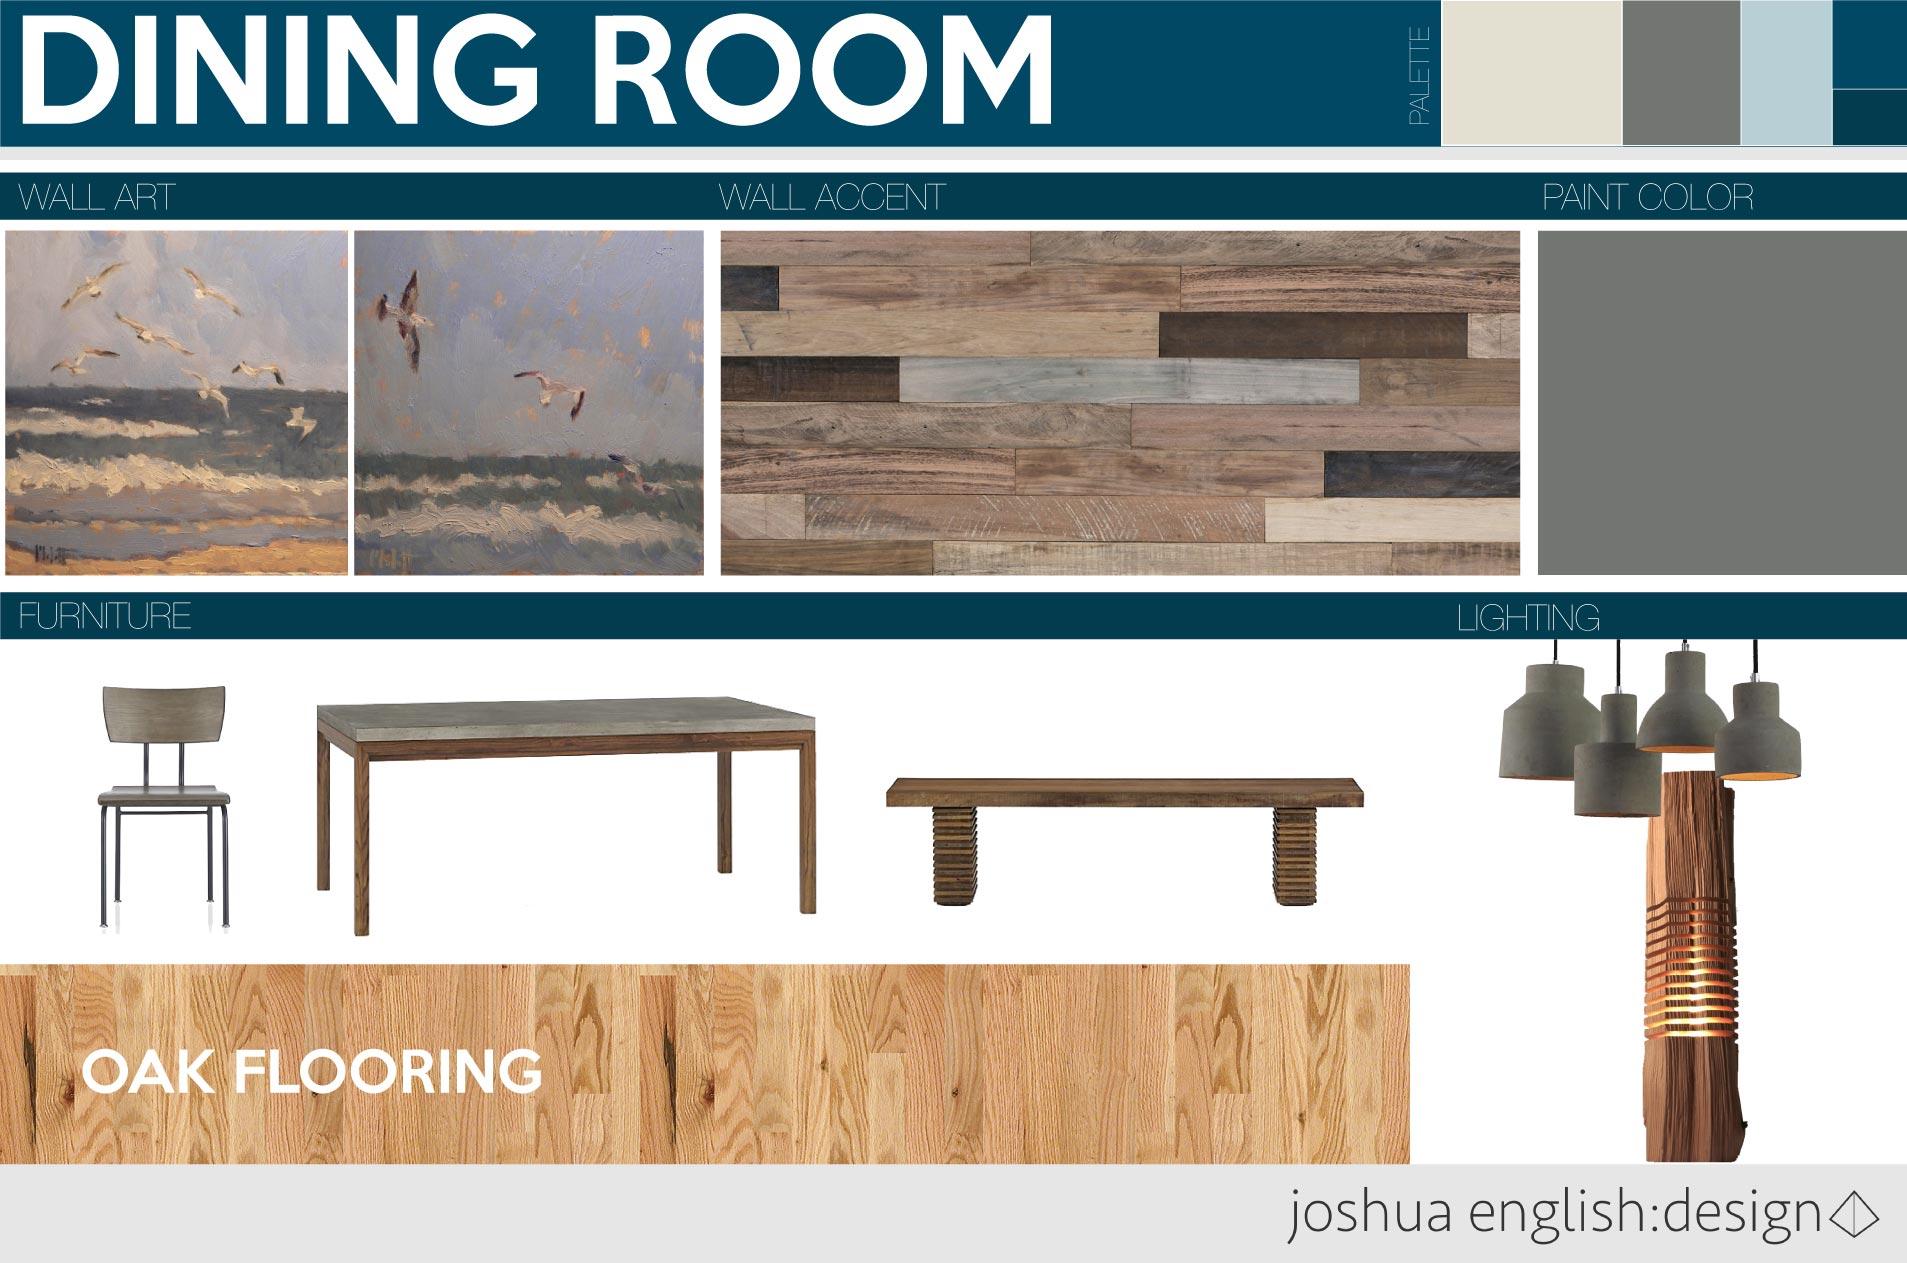 DiningRoom-materials-board.jpg